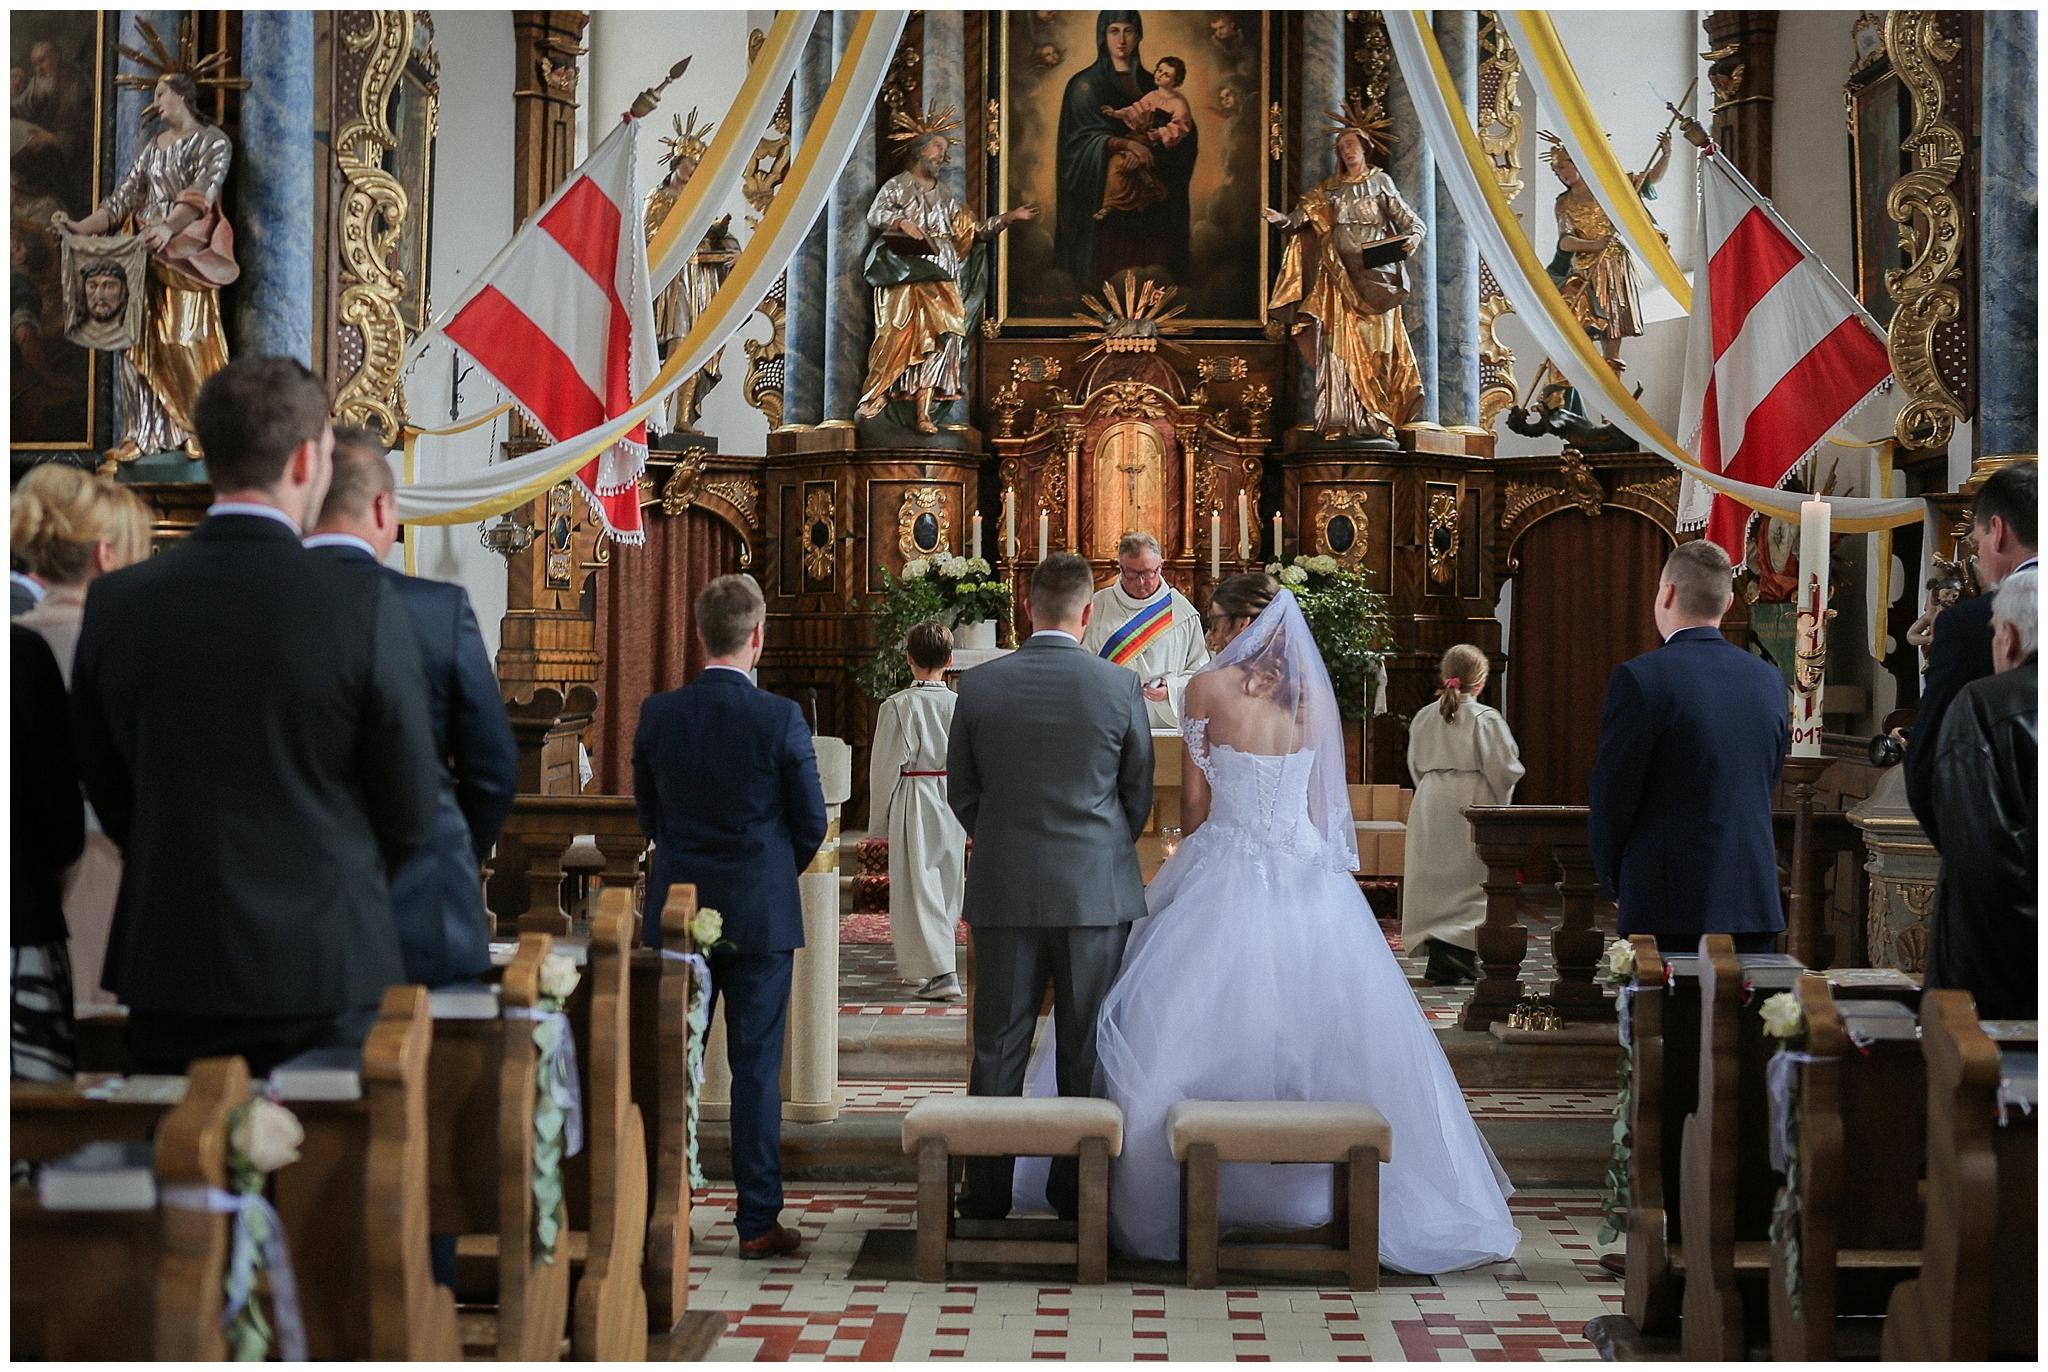 Hochzeit_Menninger_dieLICHTBUILDER_36.jpg